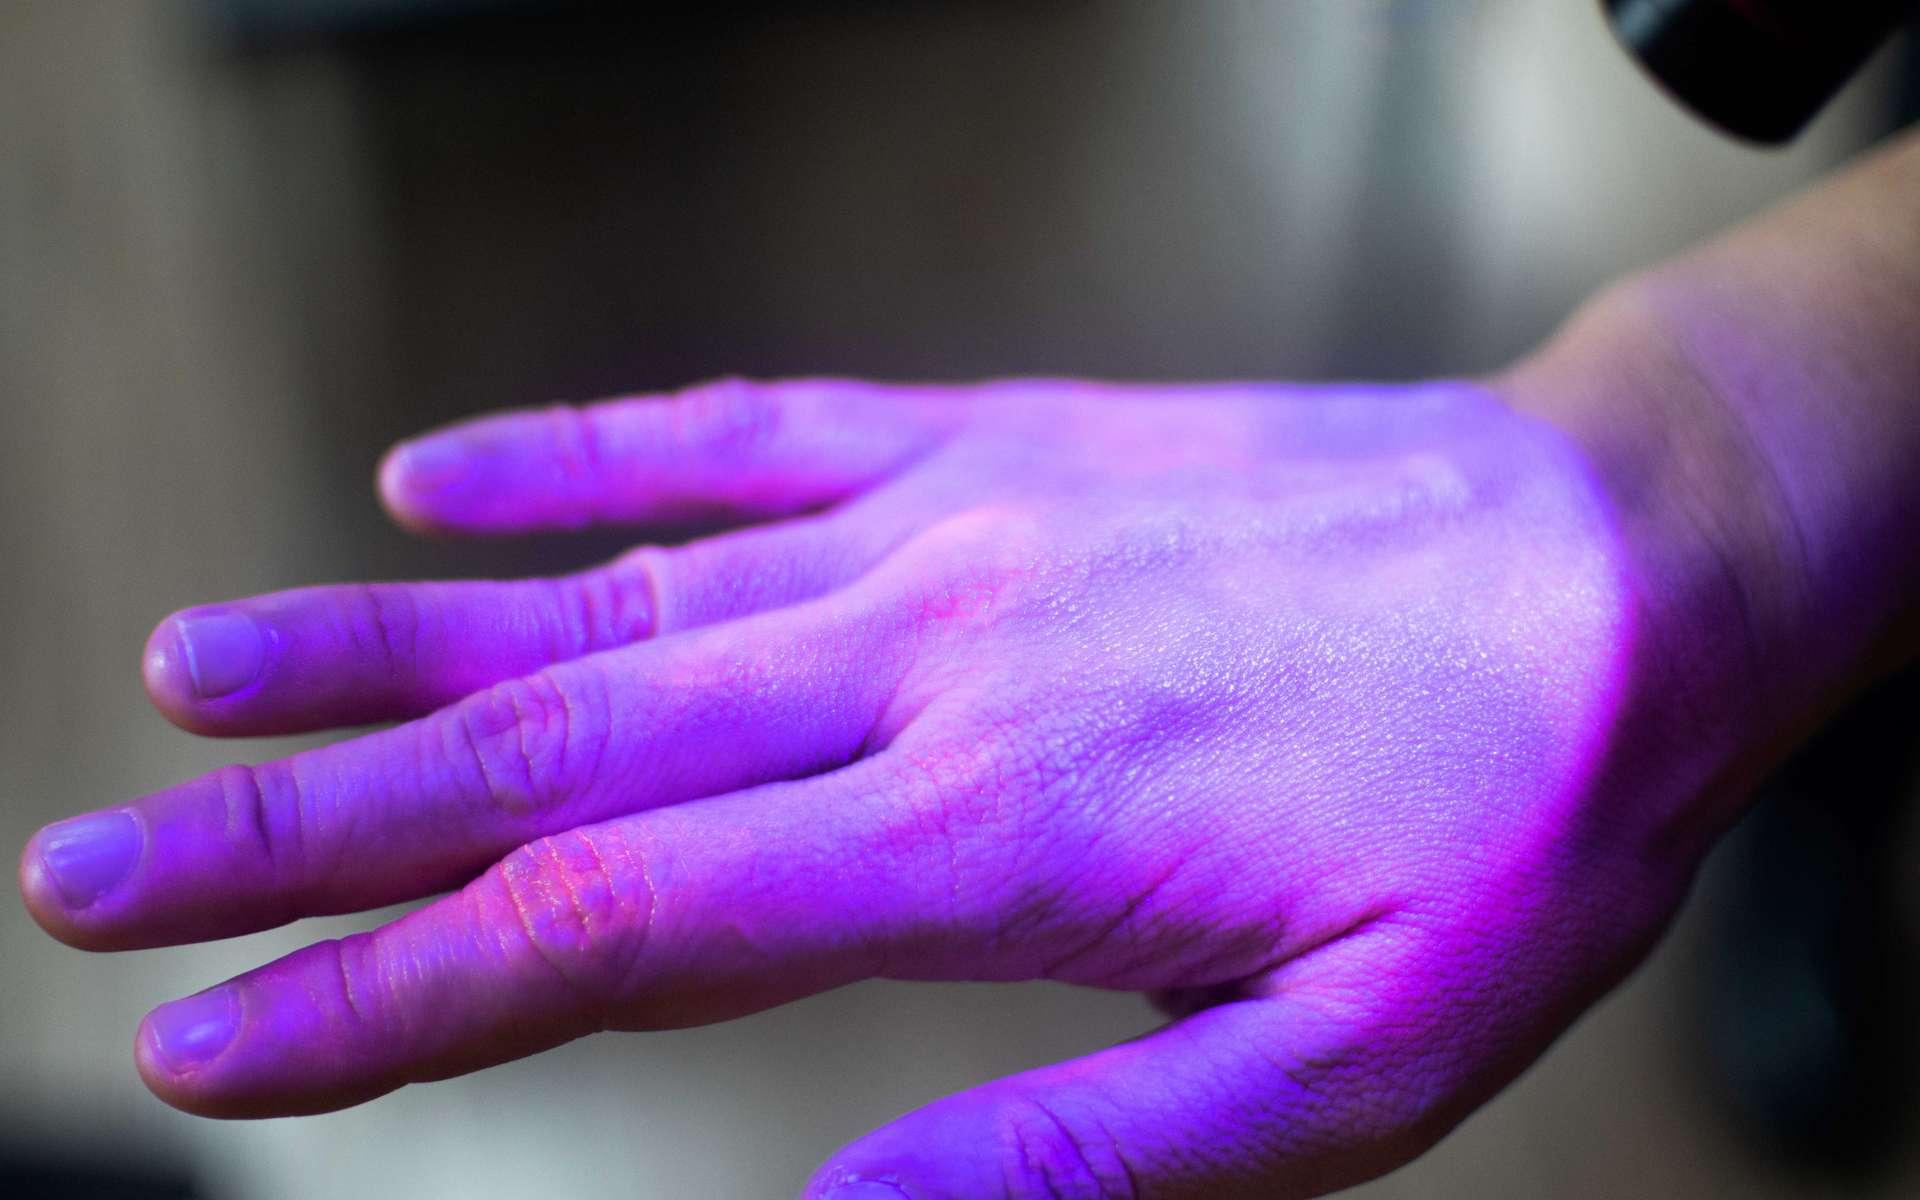 Si les UV sont efficaces pour débarrasser les germes des mobiles, l'OMS déconseille de se désinfecter les mains avec. © Khunatorn, Adobe Stock